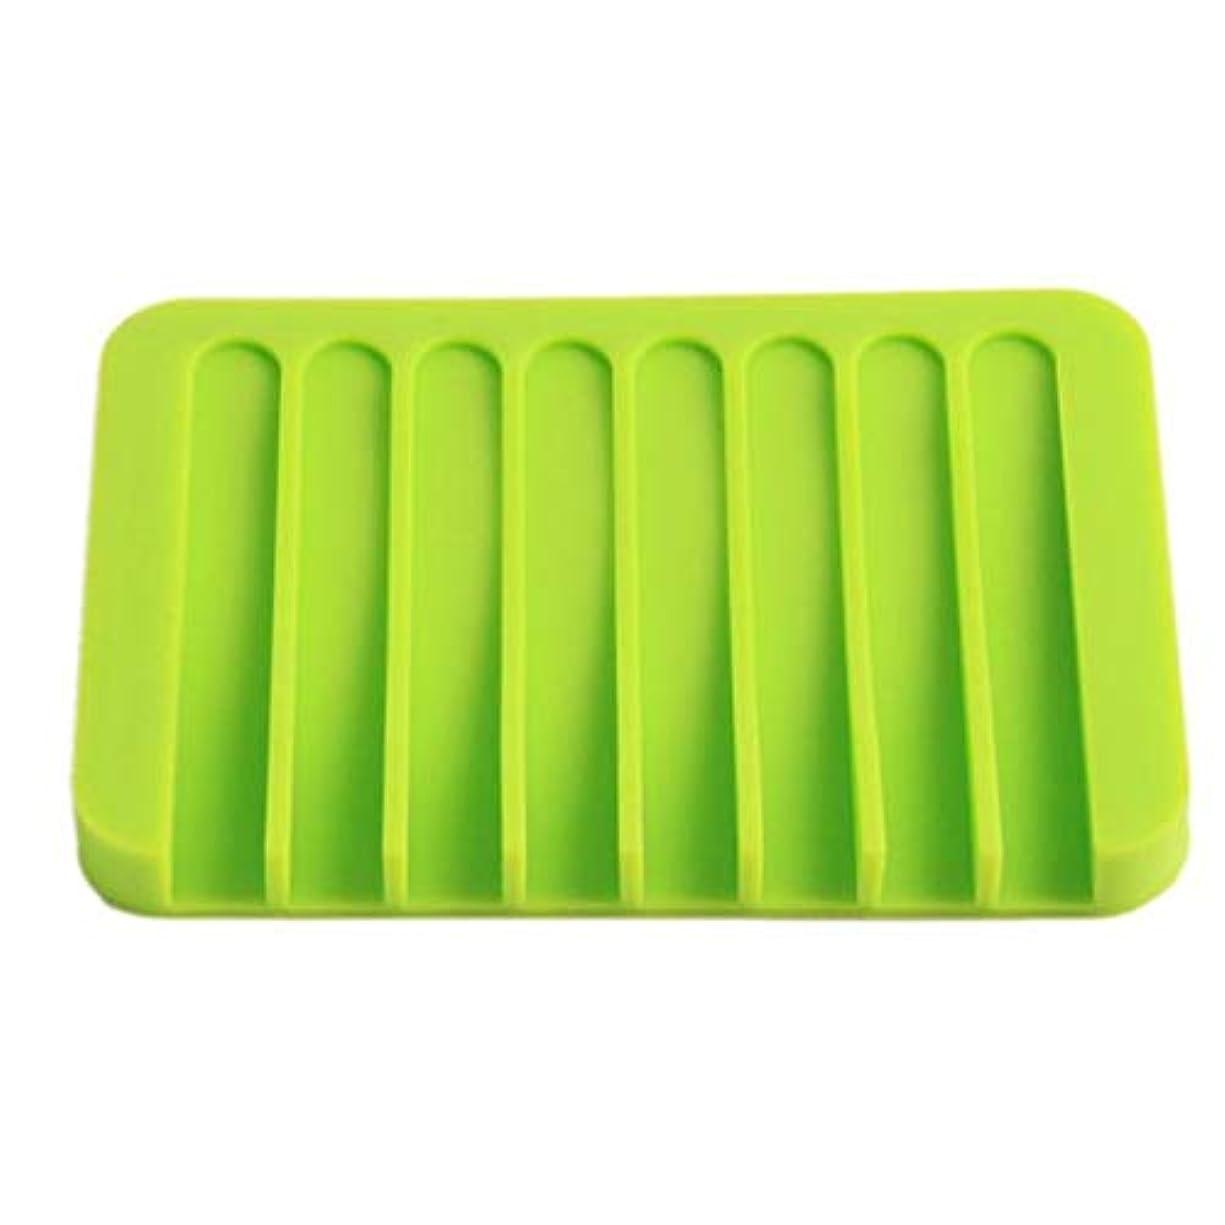 あたたかい別々に私たちのOnior プレミアム品質のシリコーン浴室柔軟な石鹸皿ソープホルダー収納ソープボックスプレートトレイ排水、グリーン